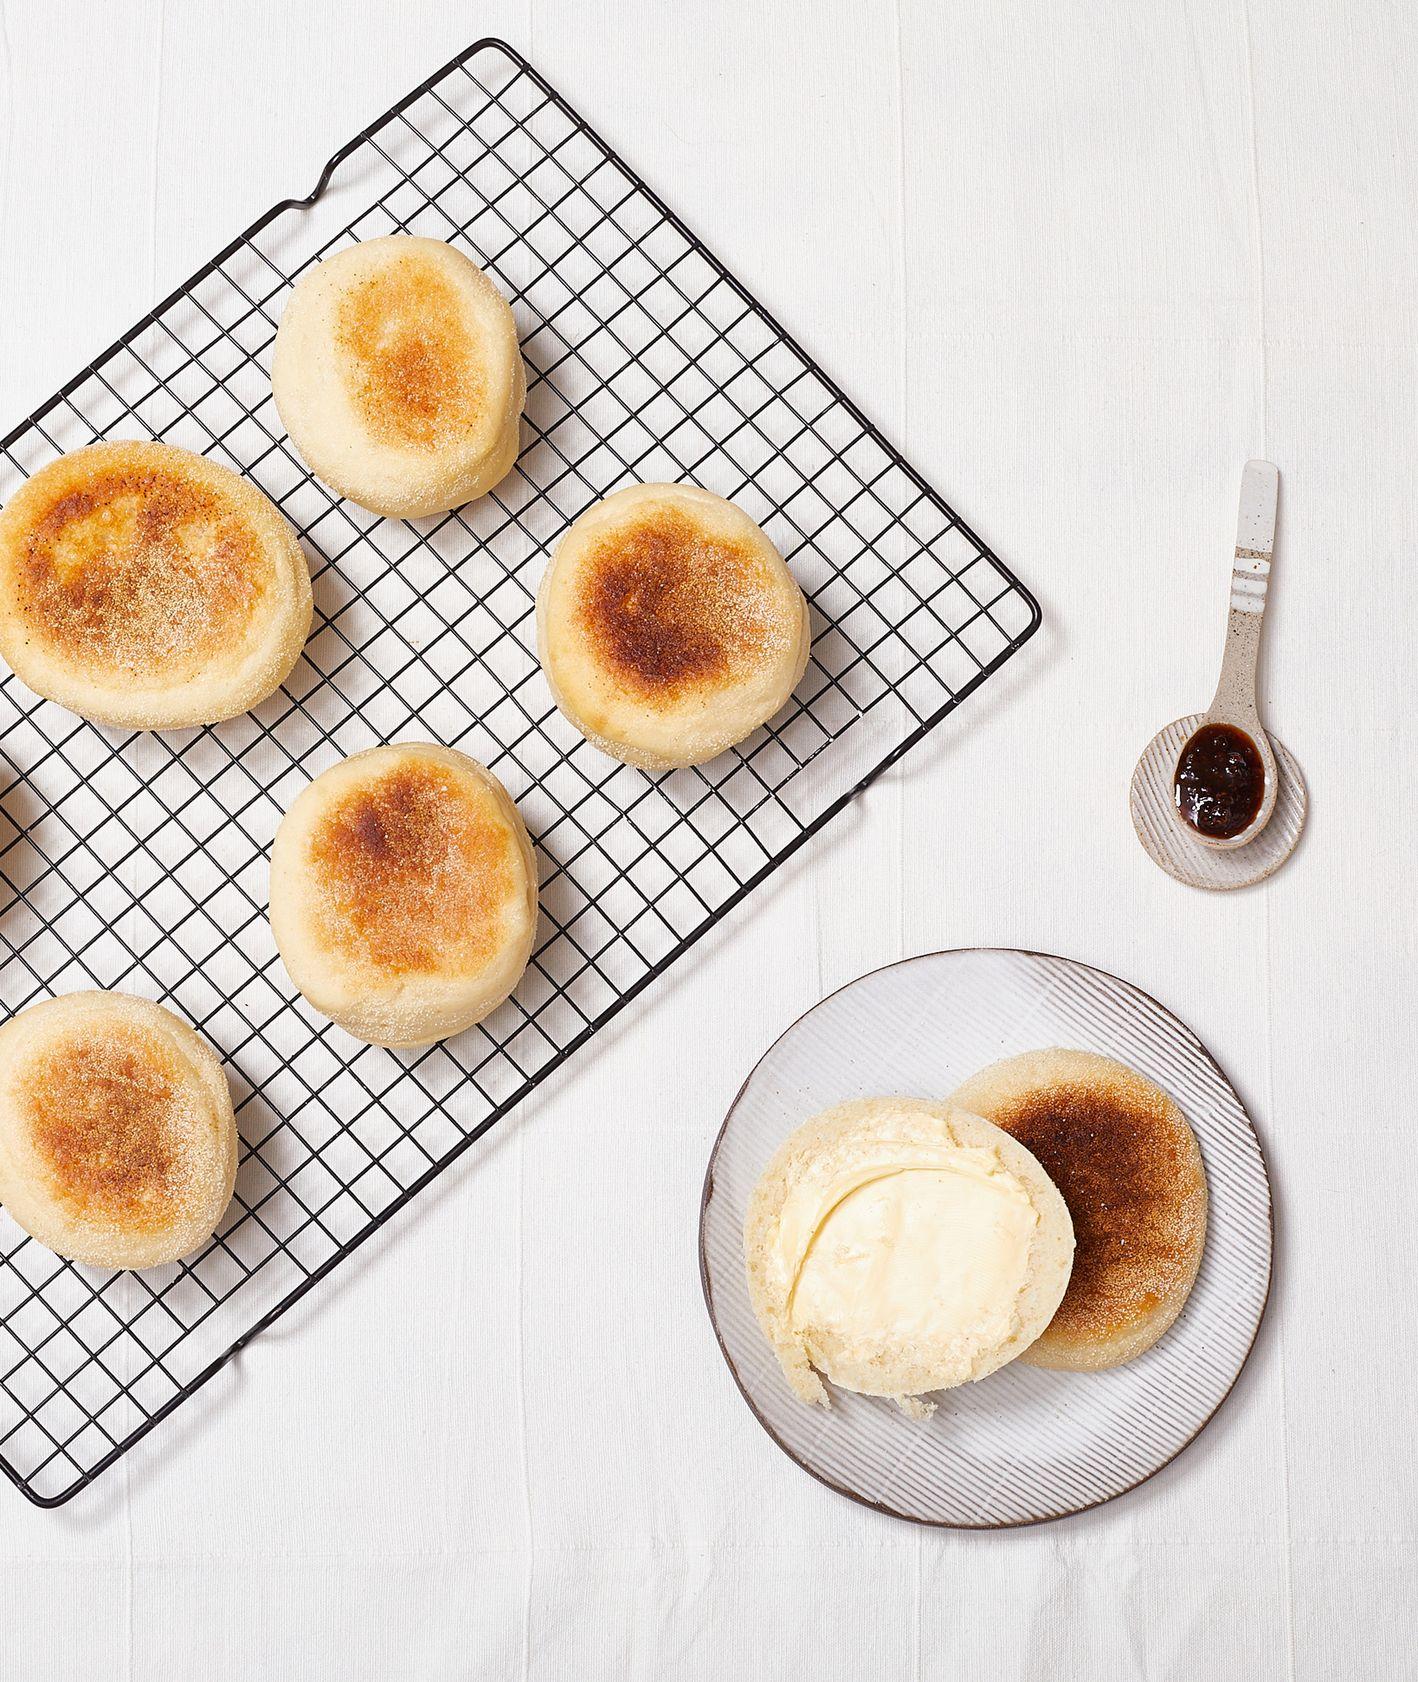 Przepis na english muffins. Wegańskie bułki (fot. Maciek Niemojewski)